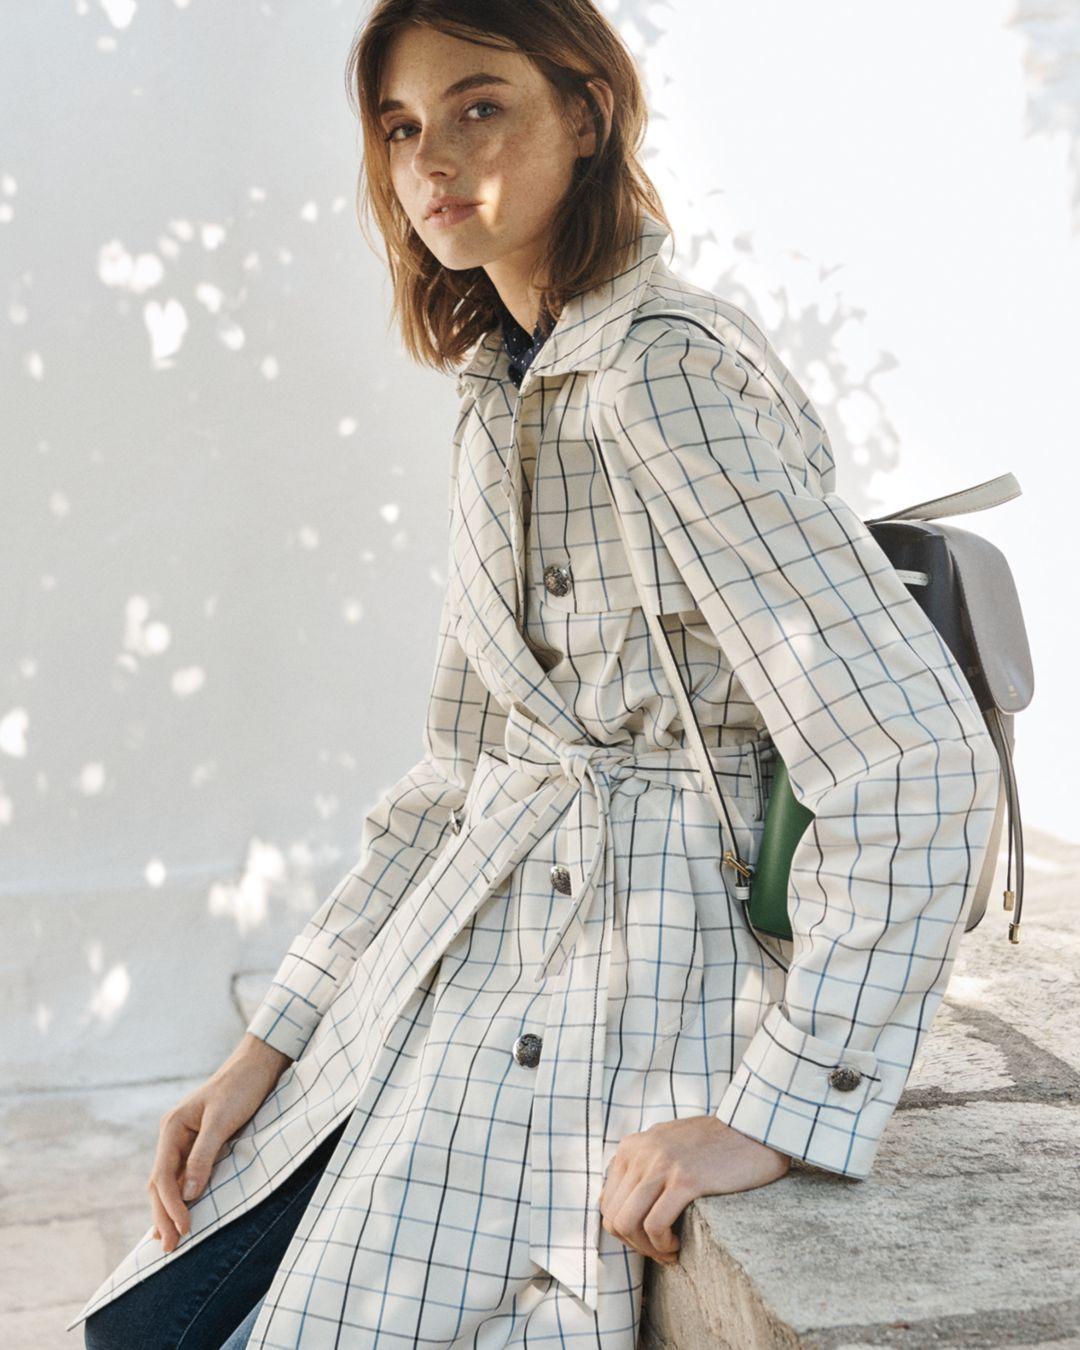 người mẫu ralph lauren mặc áo khoác họa tiết kẻ ô tattersall